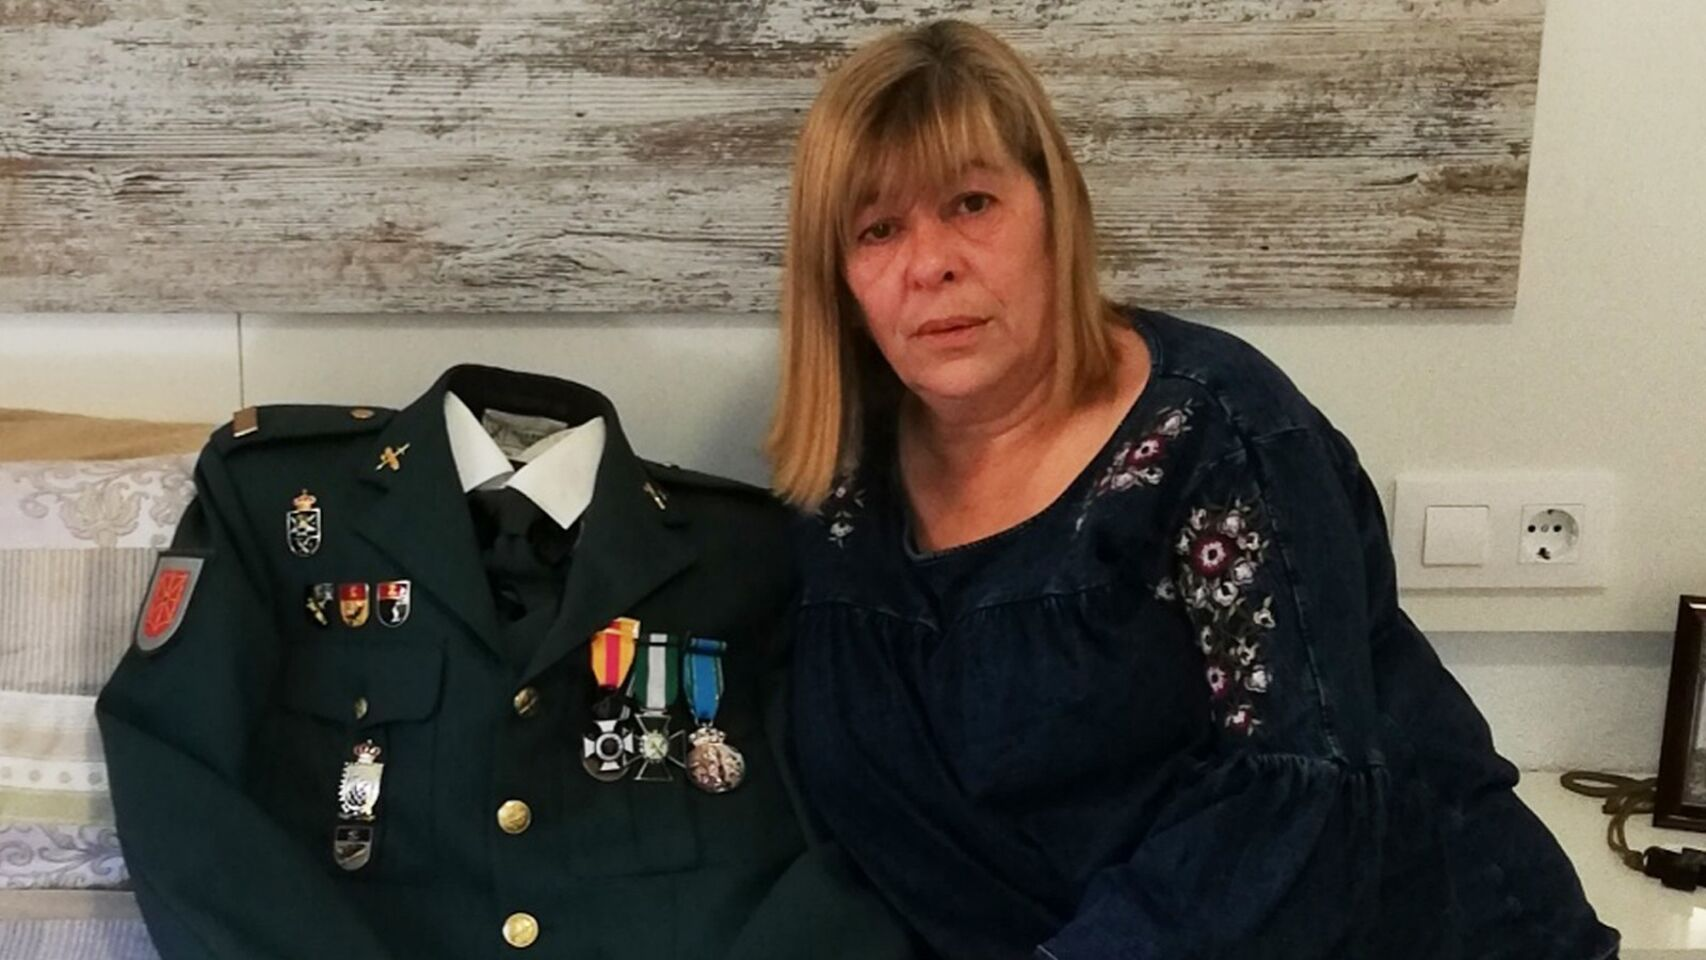 Rosa María Domínguez junto al uniforme de su difunto esposo | Foto: YouTube/NoticiasdeLara